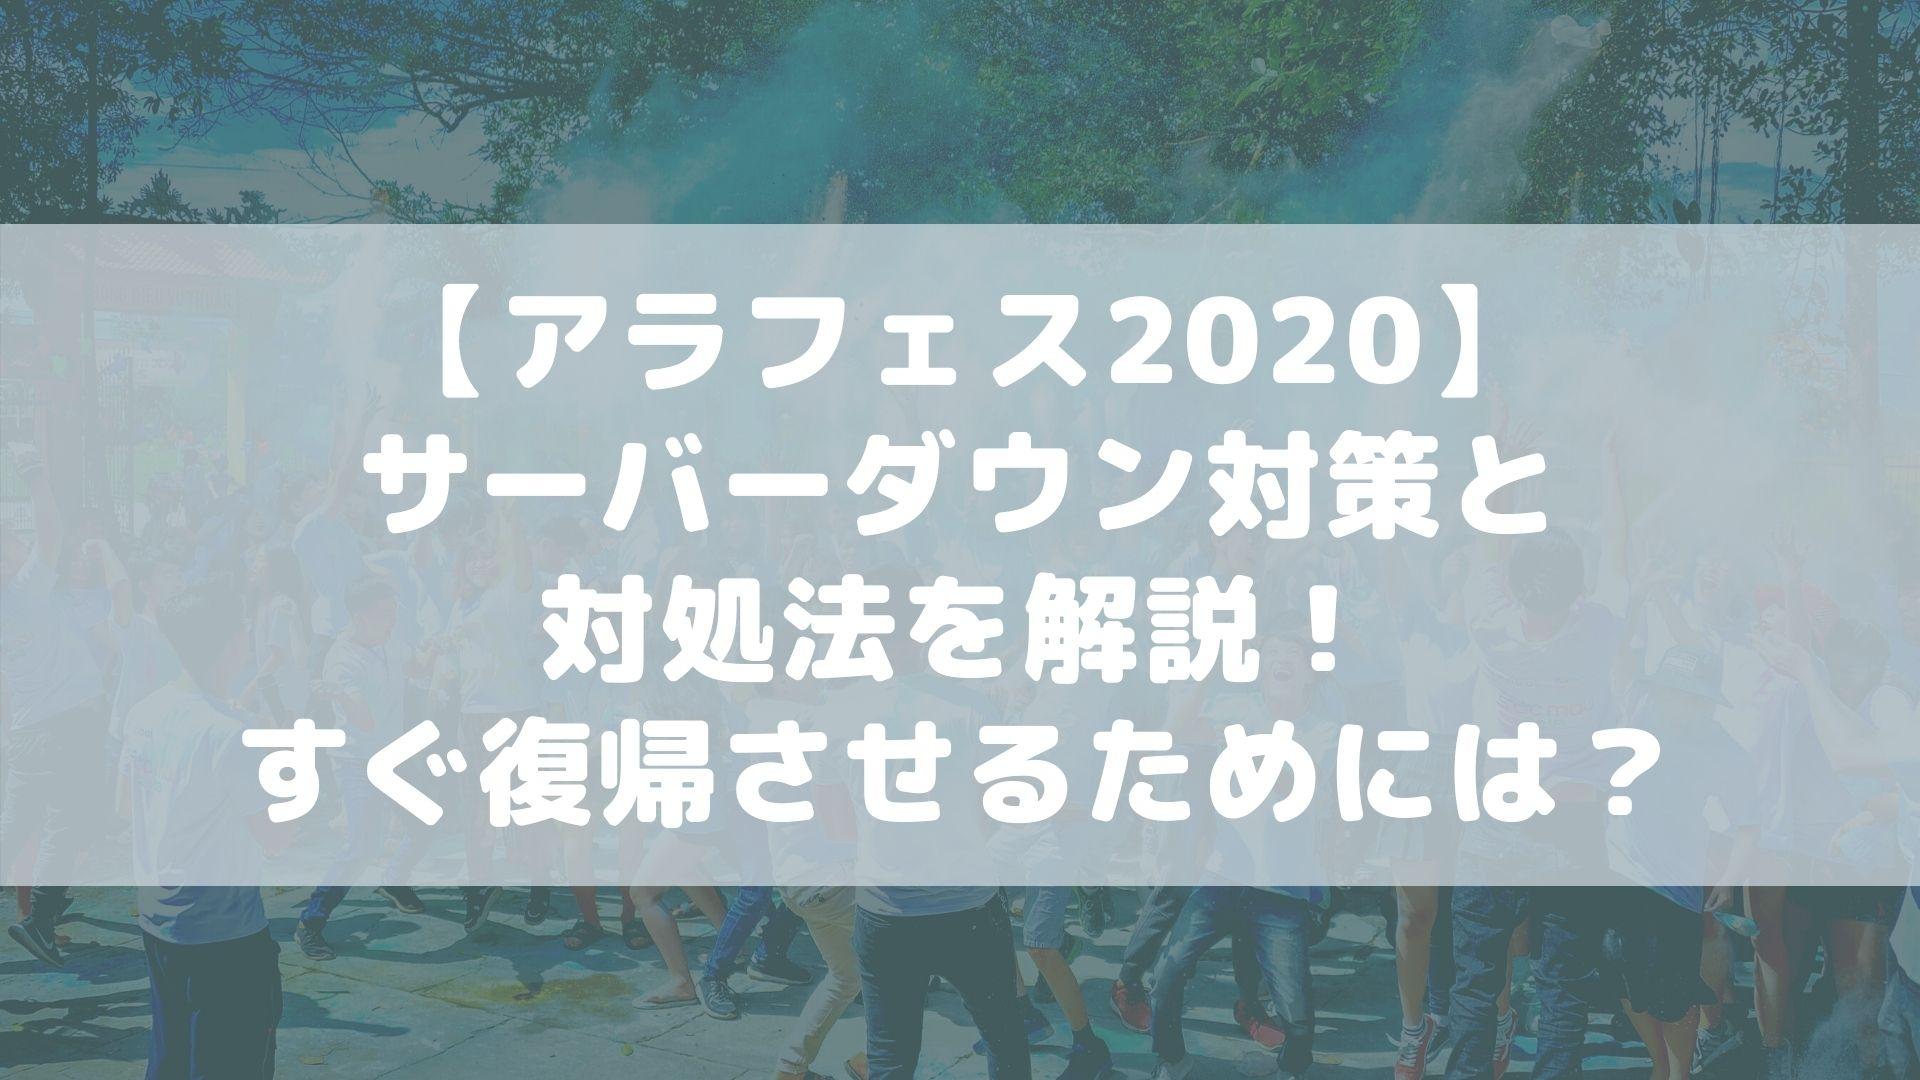 【アラフェス2020】サーバーダウン対策と対処法を解説!すぐ復帰させるためには?タイトル画像